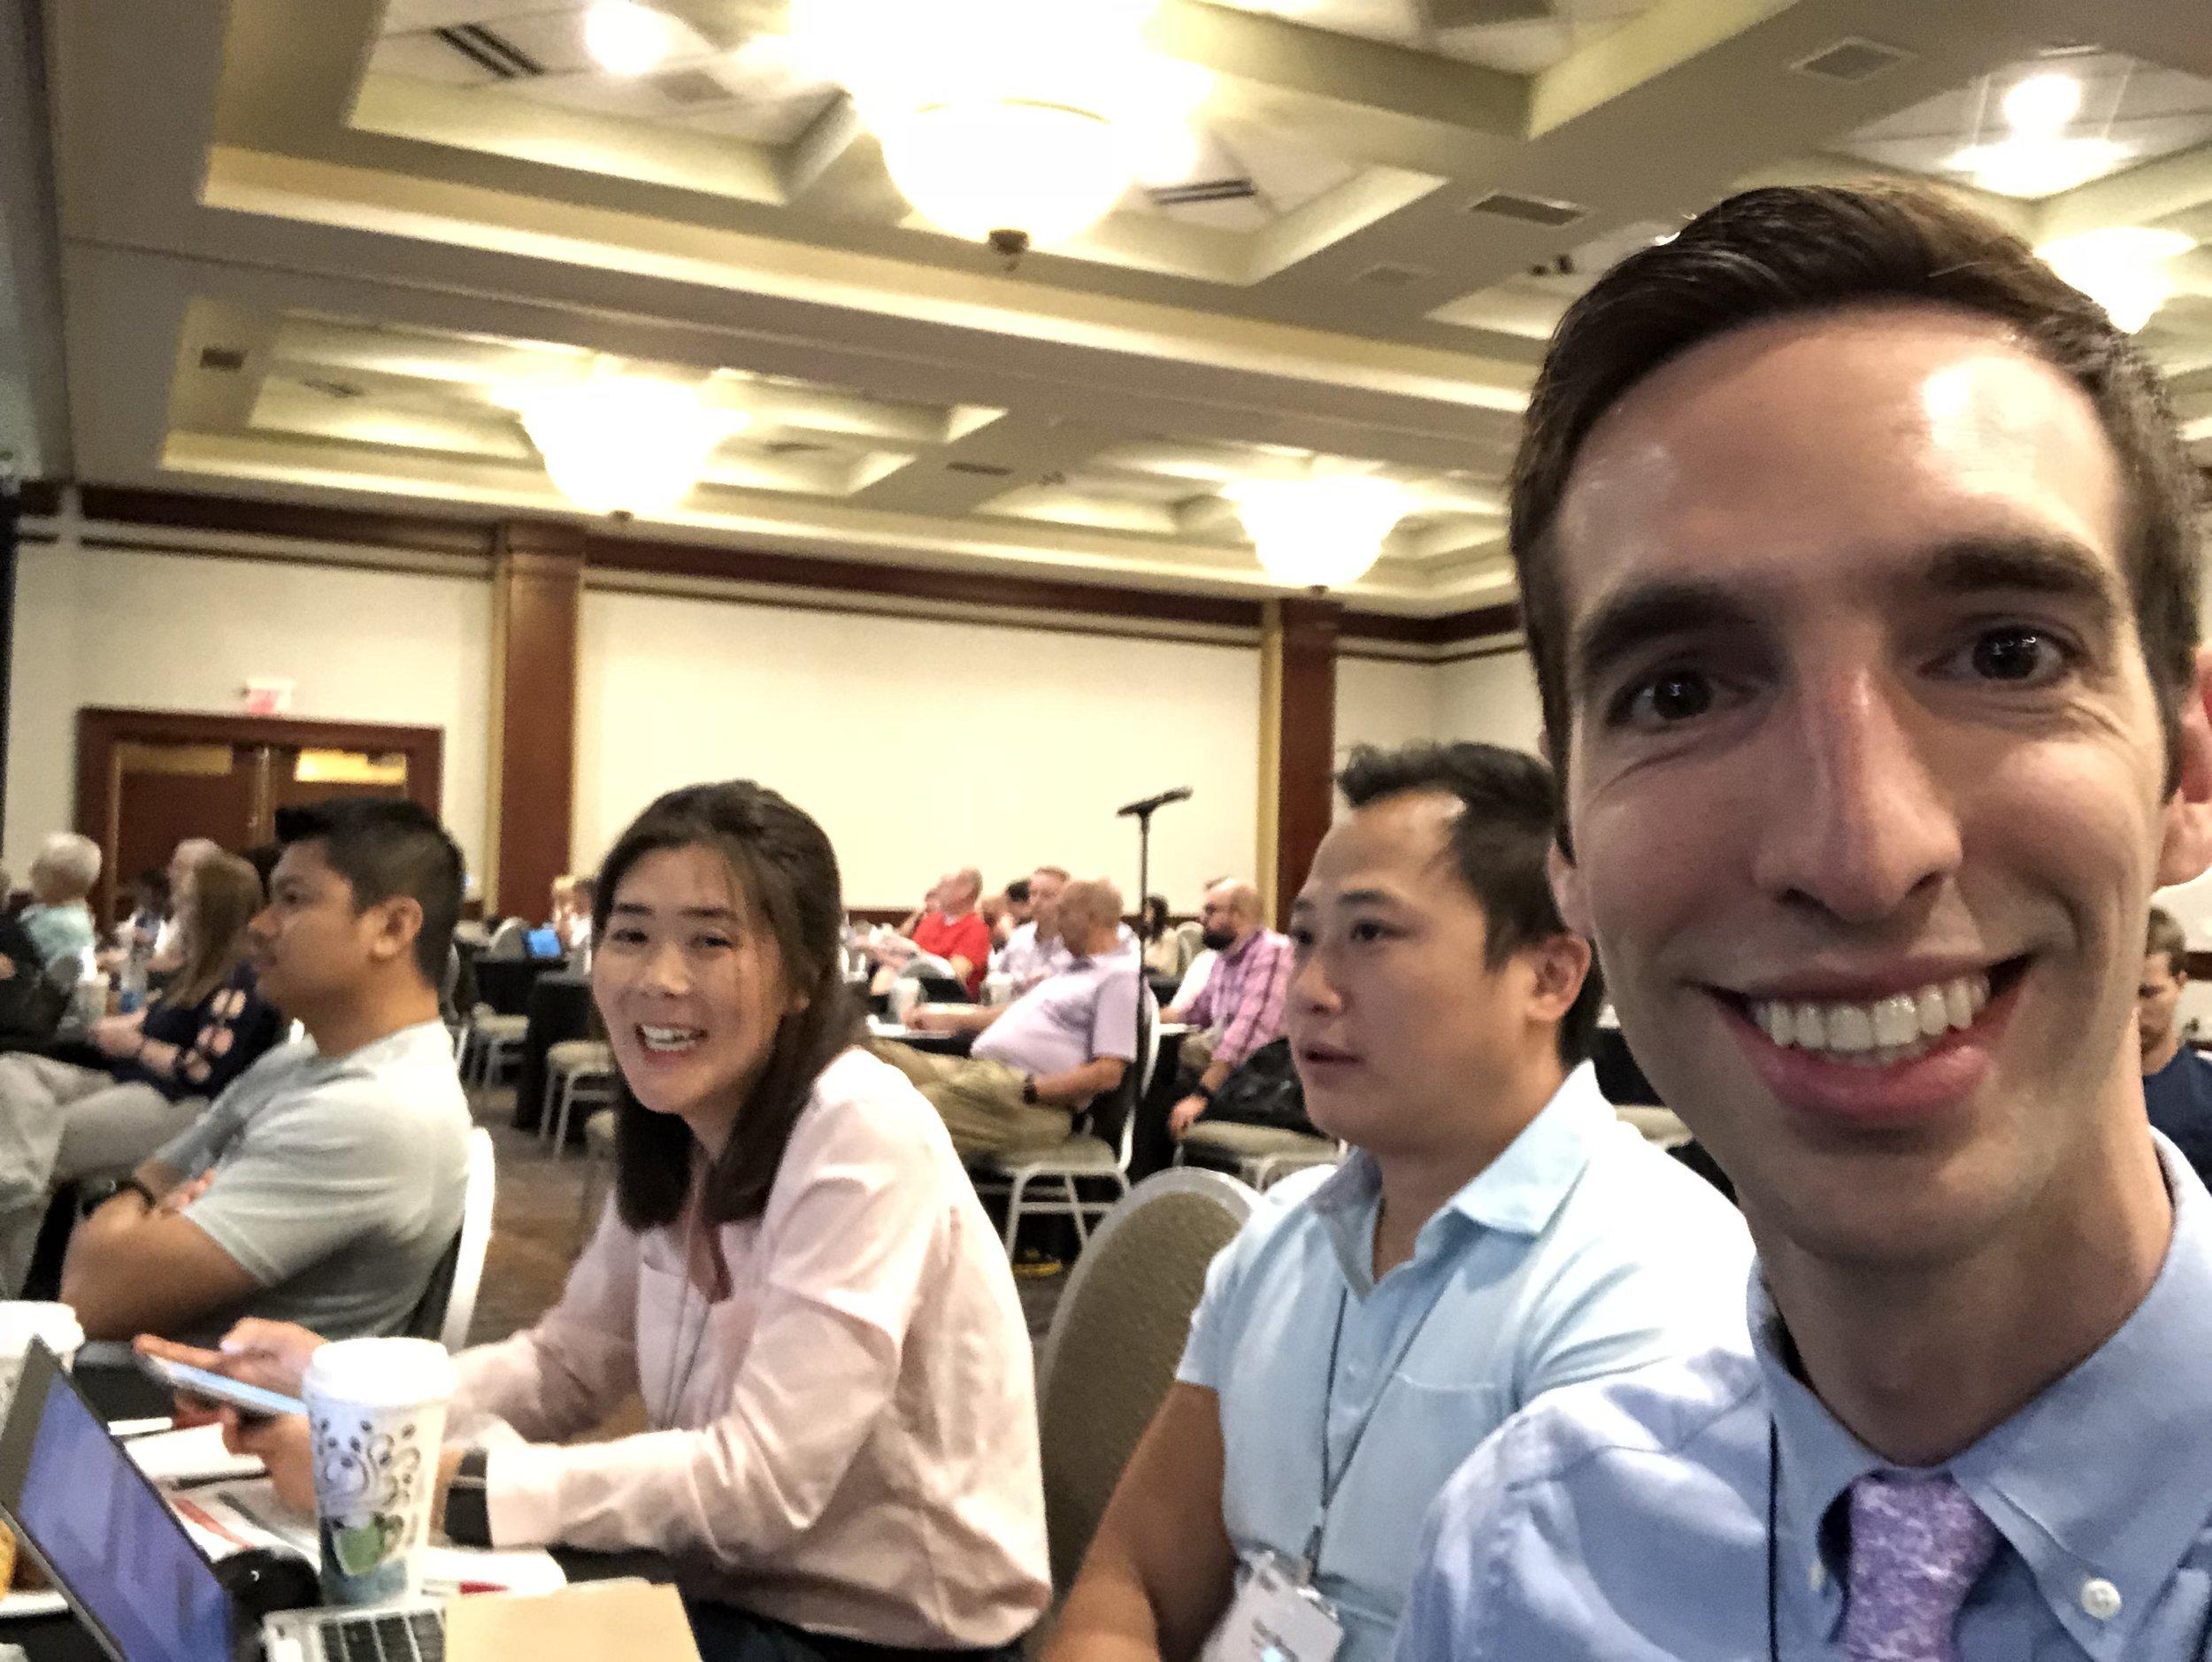 2018.07.15 DPC Hustles Harder AAFP Summit 2018 04.jpeg